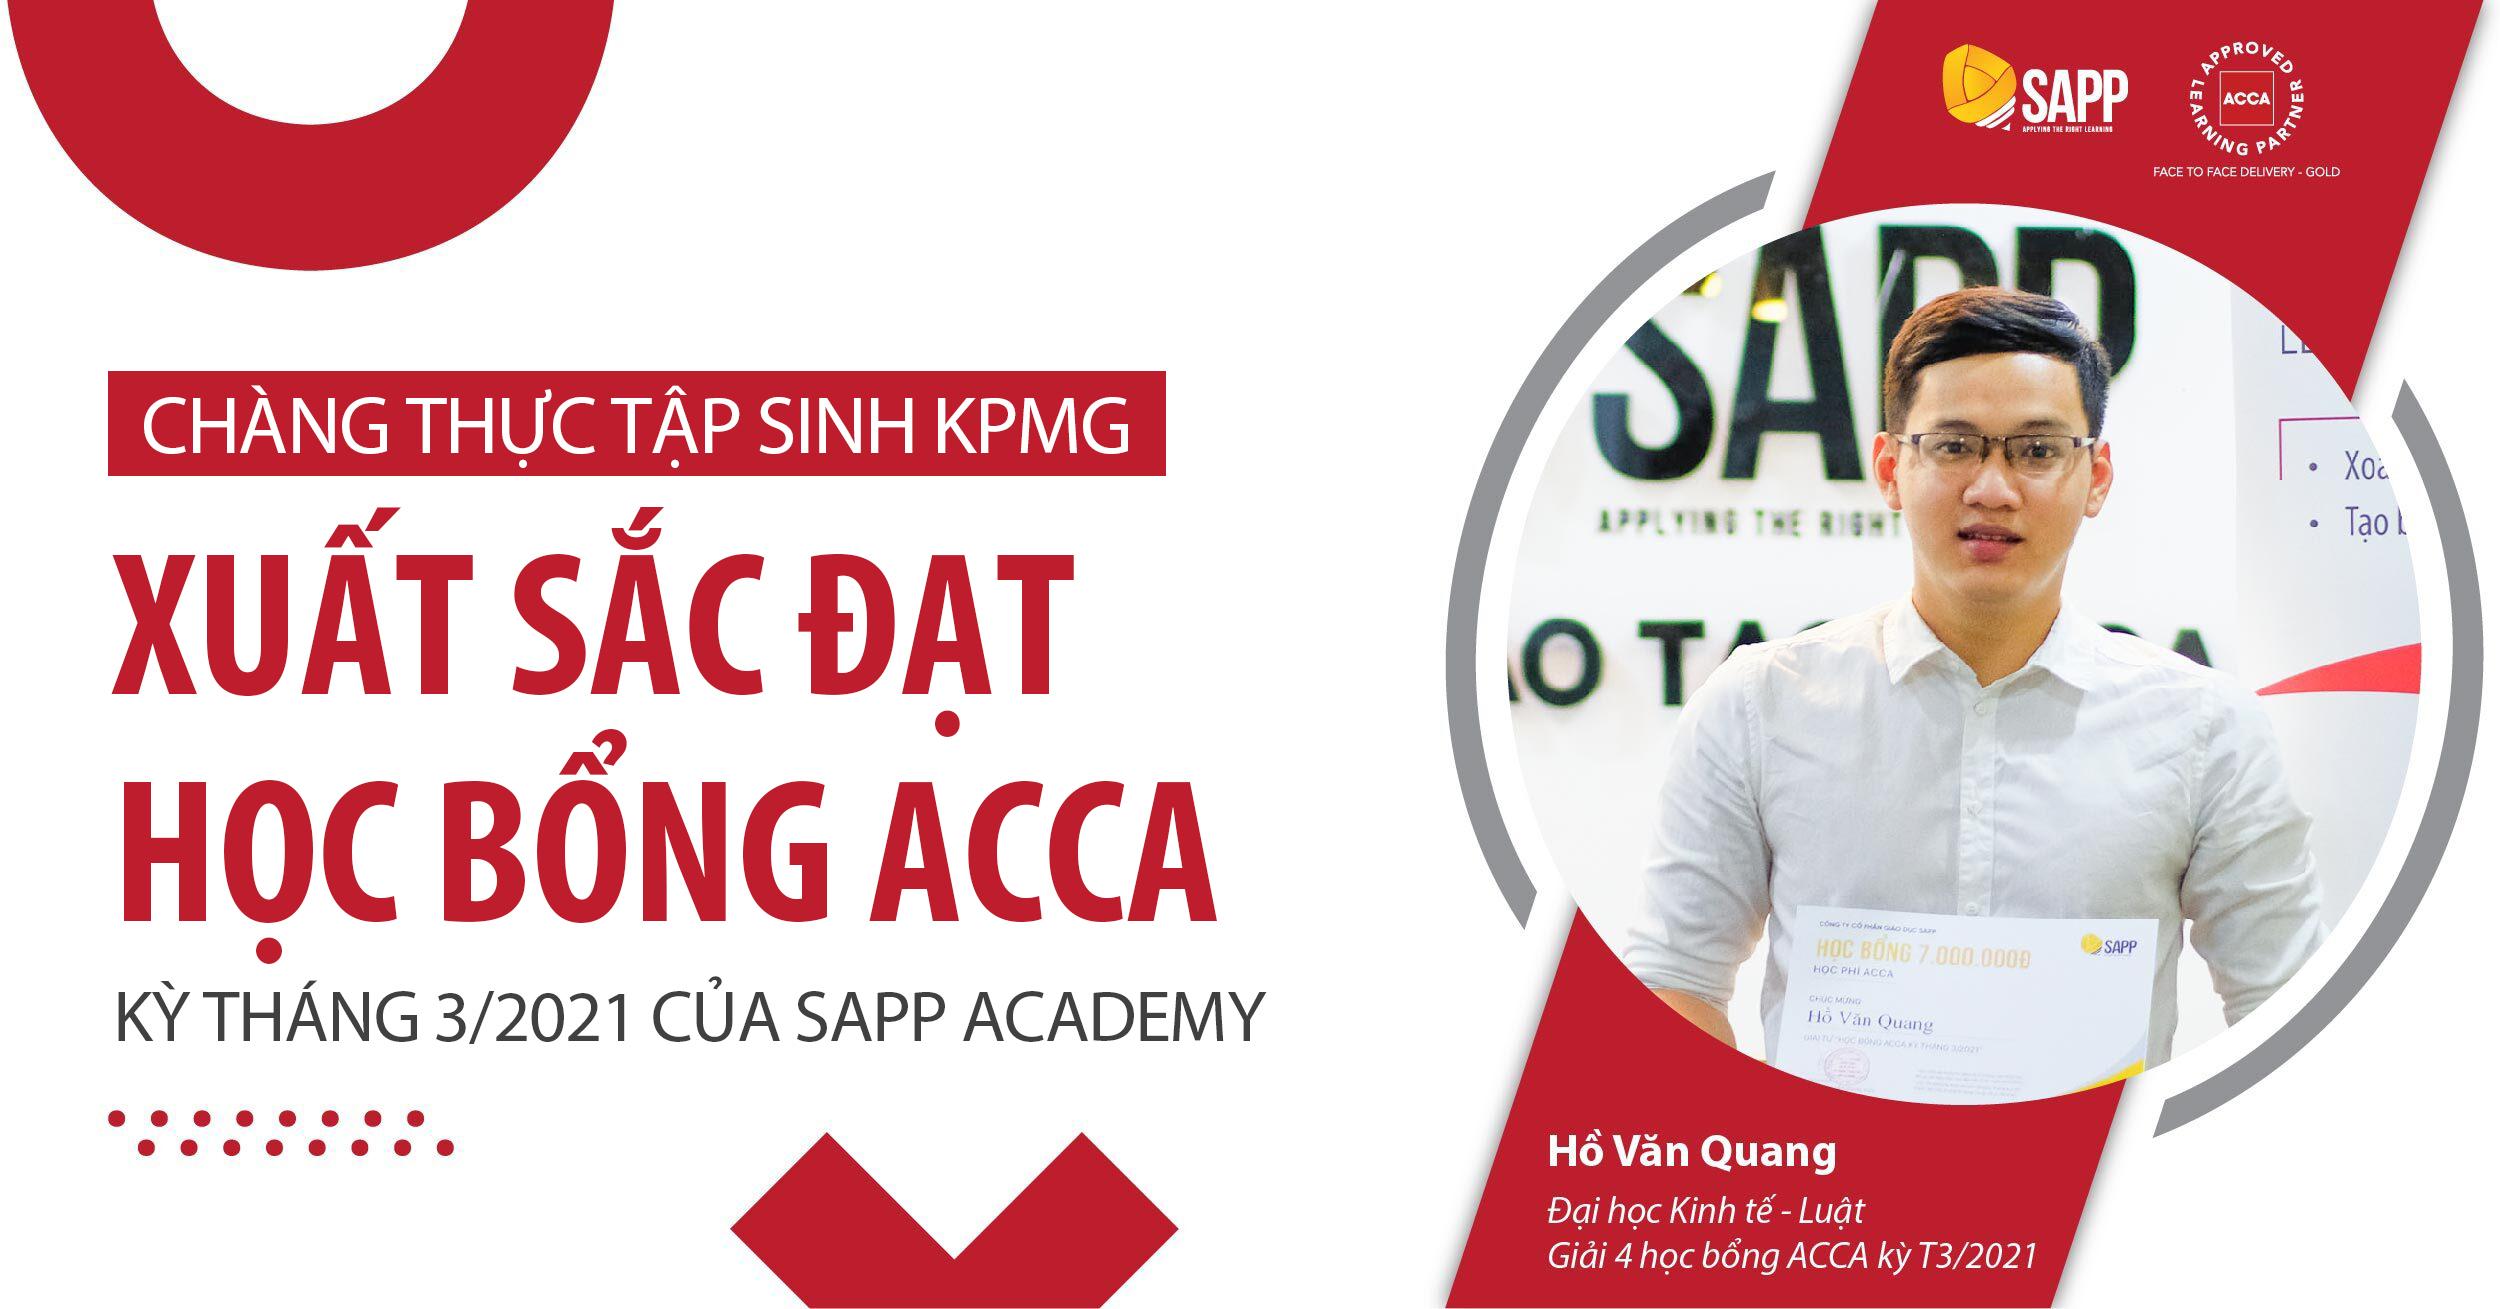 Chàng thực tập sinh KPMG xuất sắc đạt học bổng ACCA kỳ tháng 3/2021 của SAPP Academy